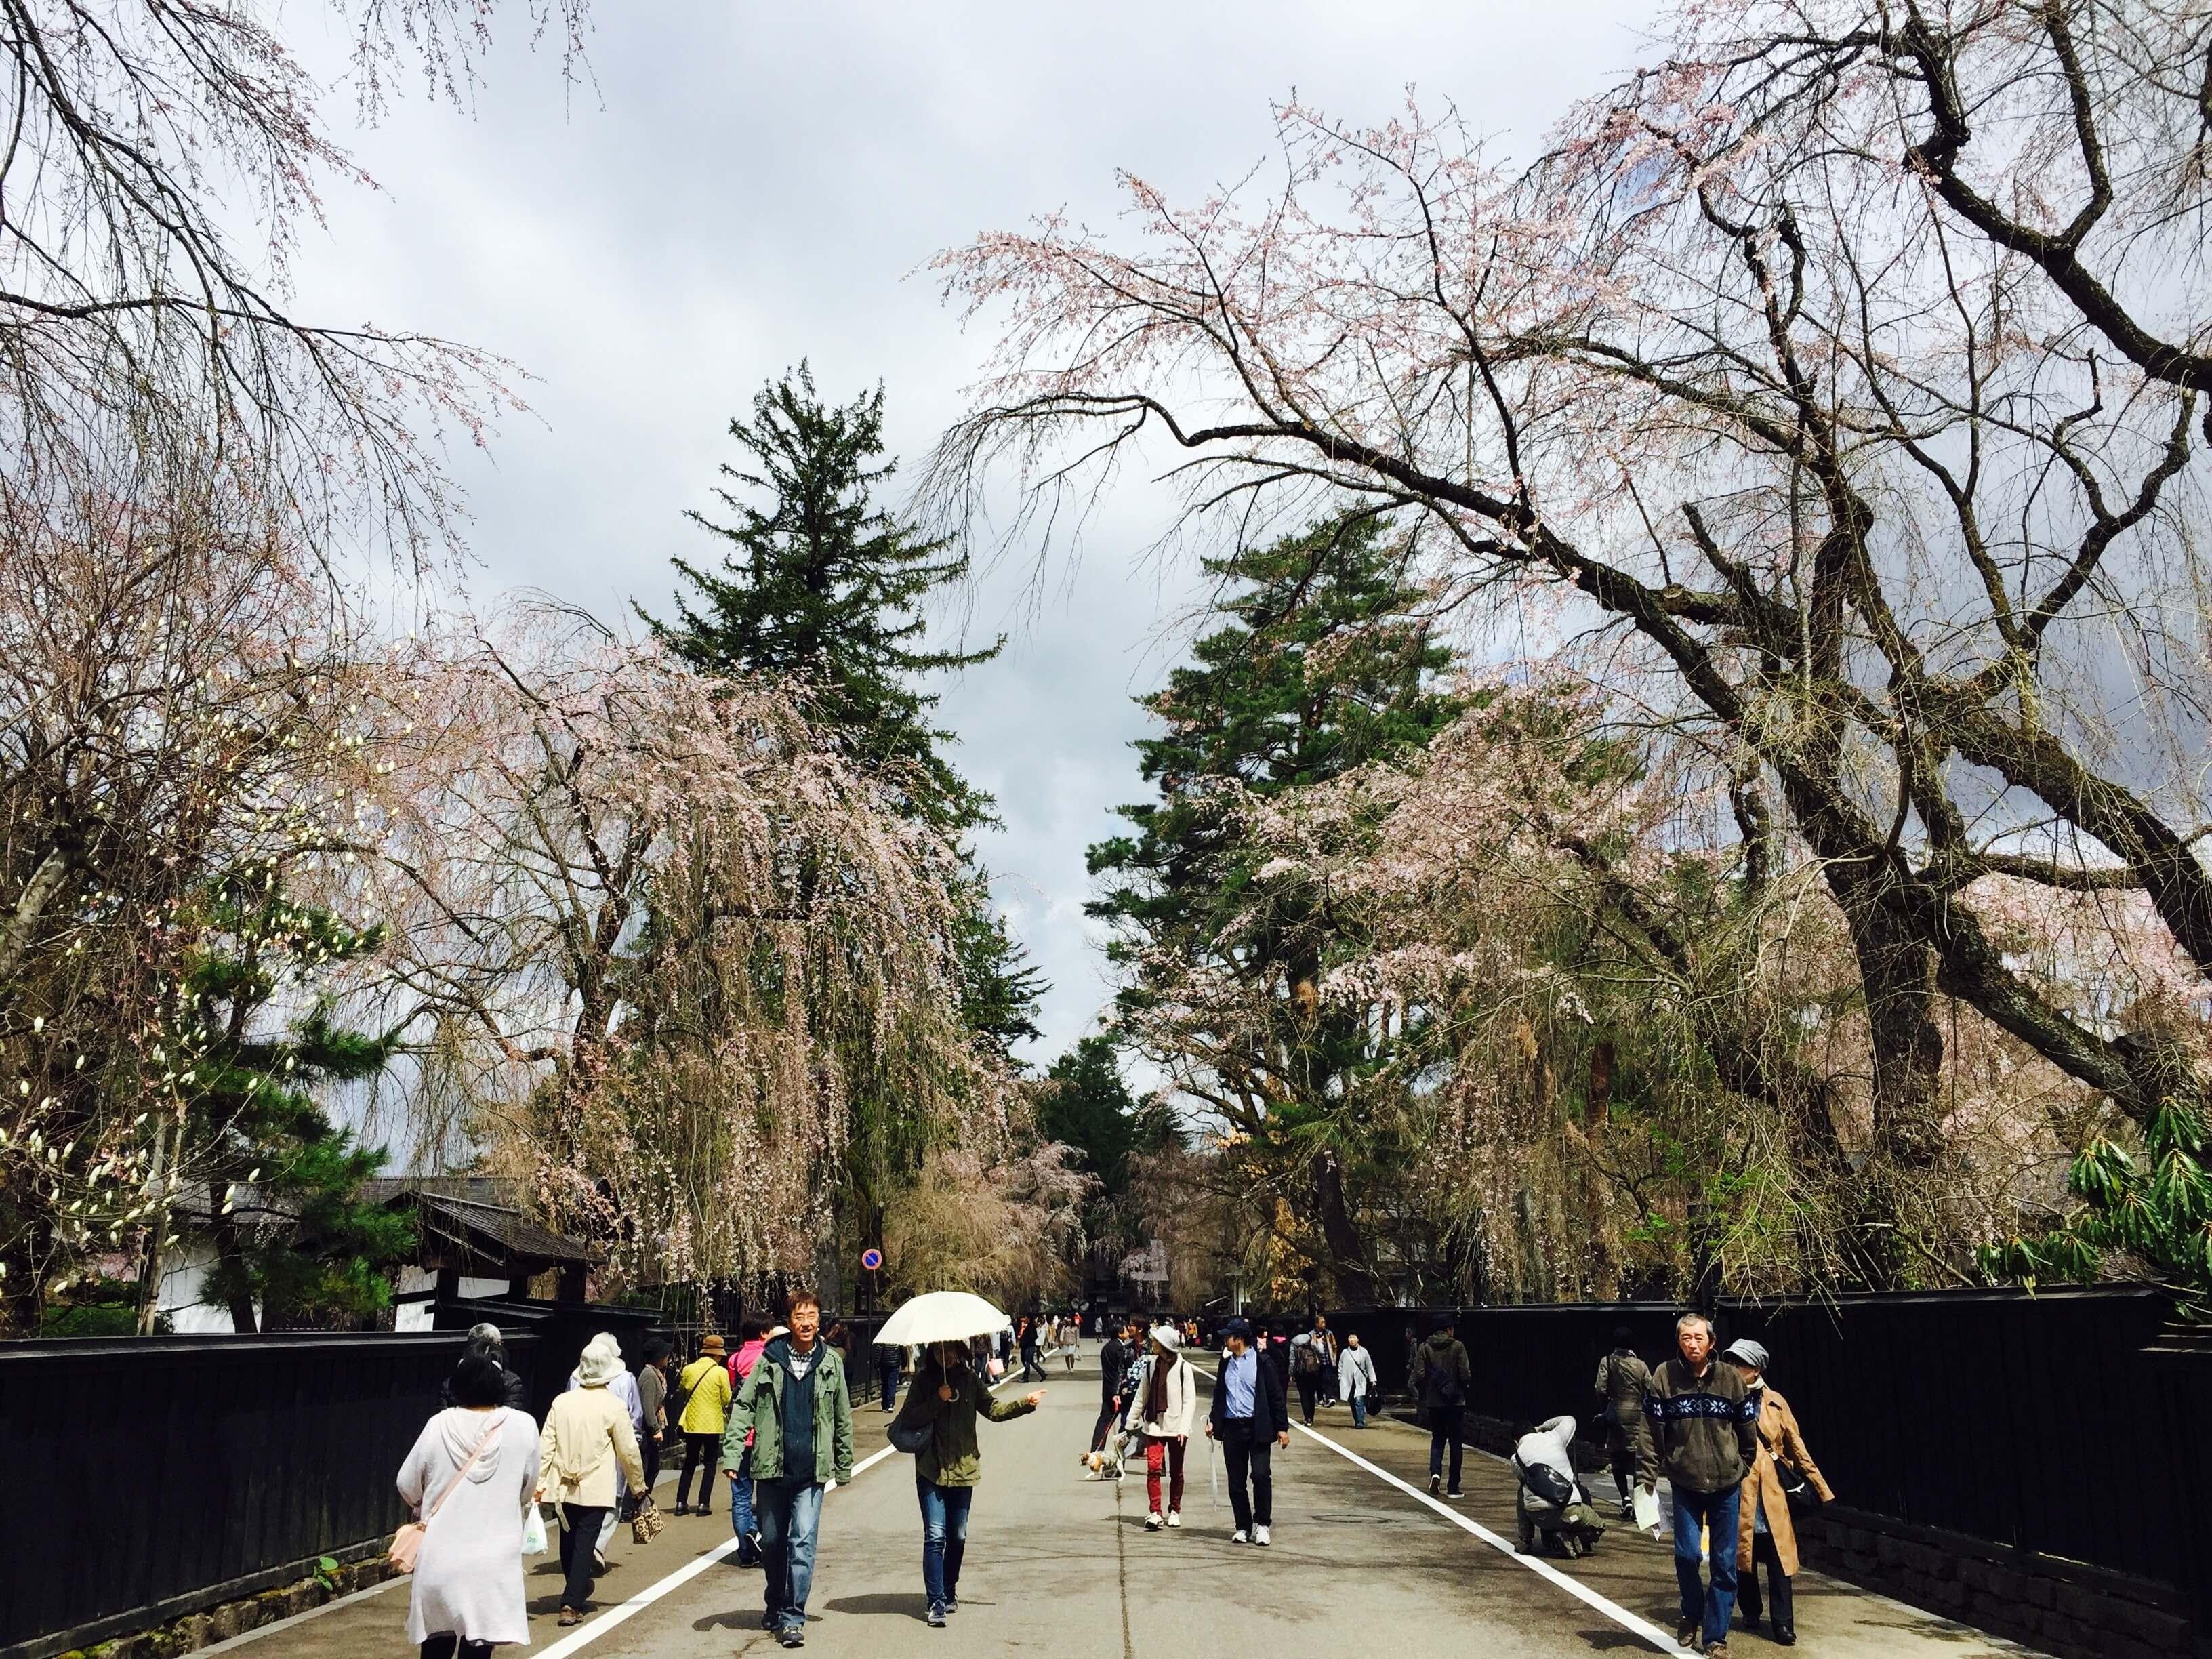 櫻花還沒開的 武家屋敷 。 Photographer | Zach Huang